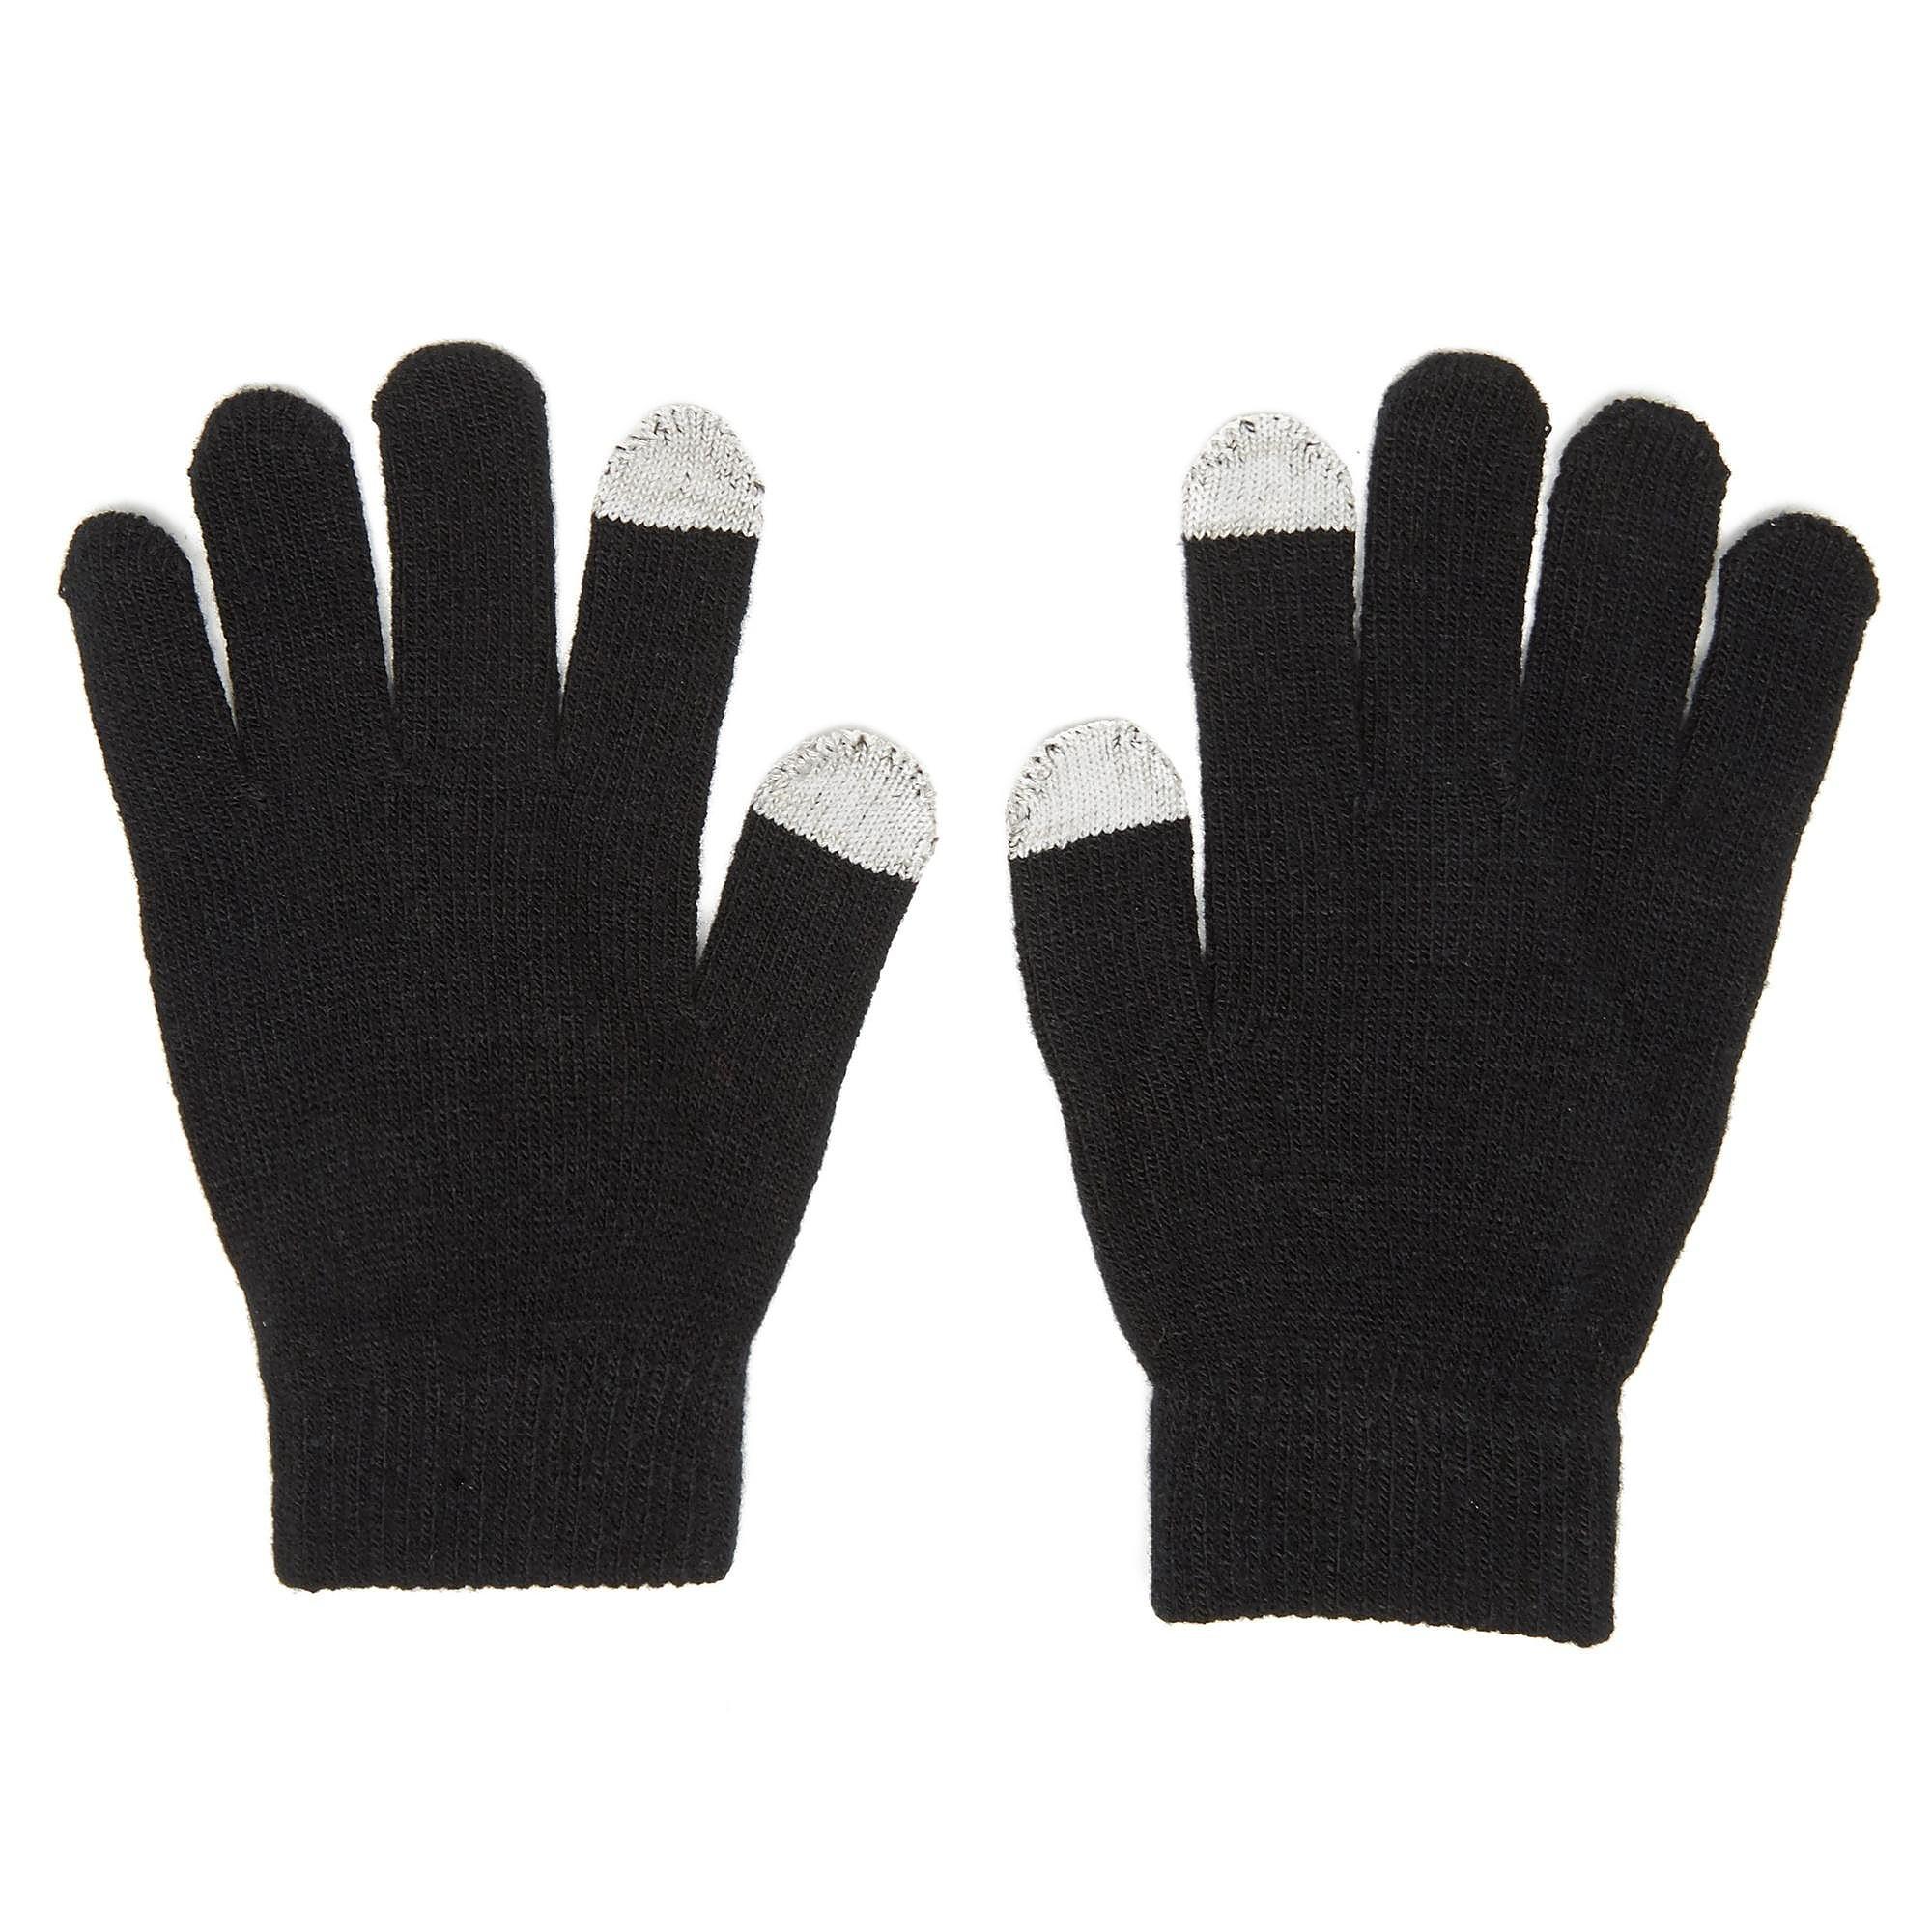 Peter Storm Gripper Gloves